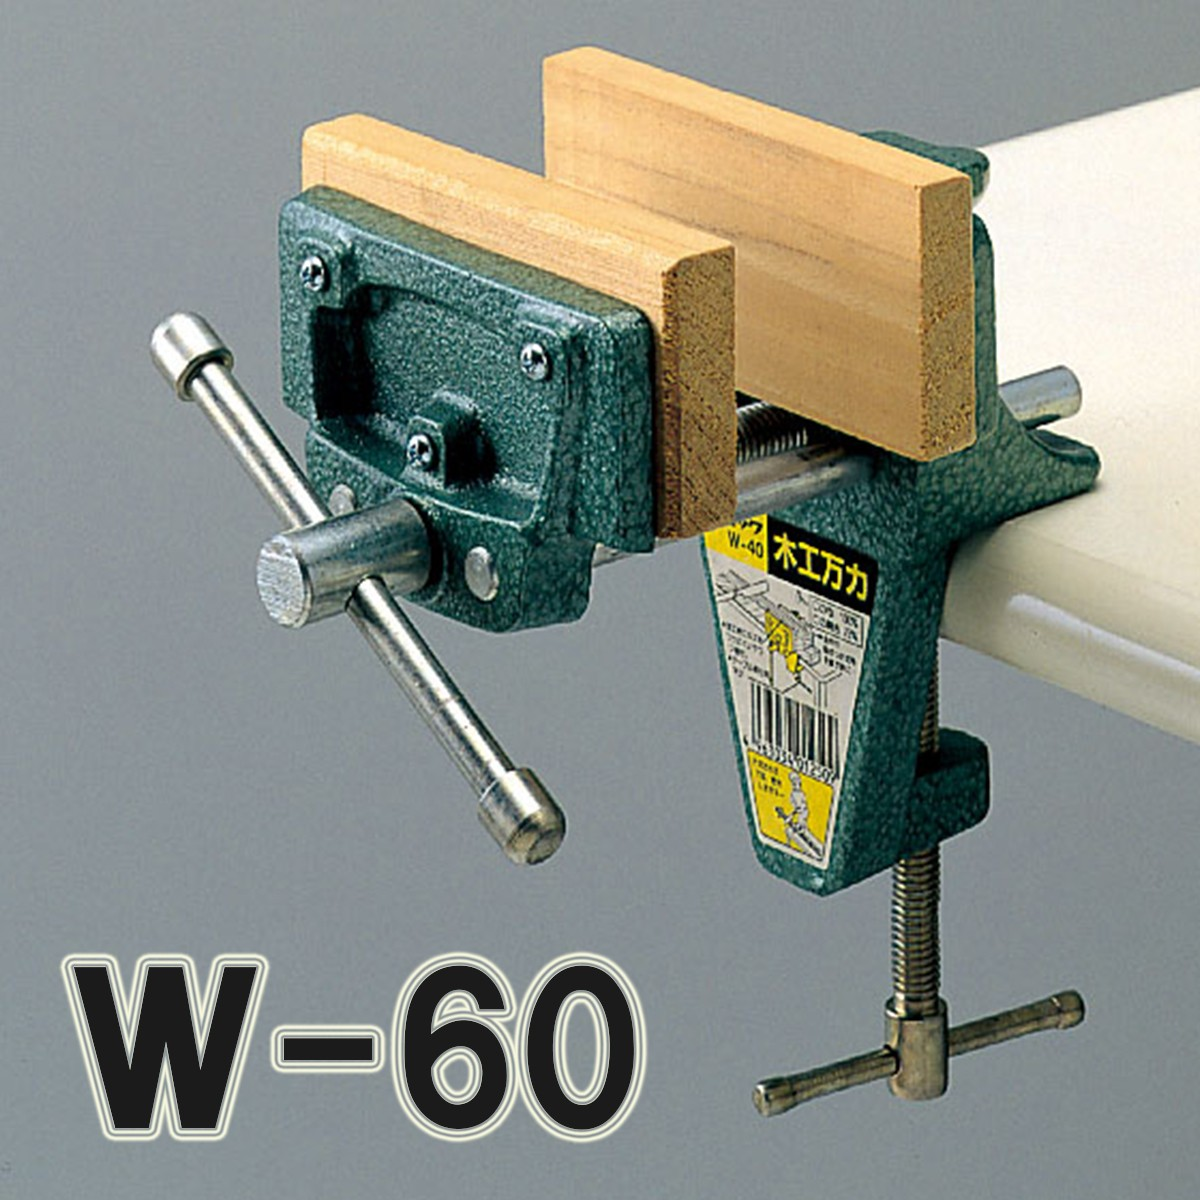 木工バイス 台上式 W-60型 【 木工 木彫 木工具 固定 木工バイス 台上 】